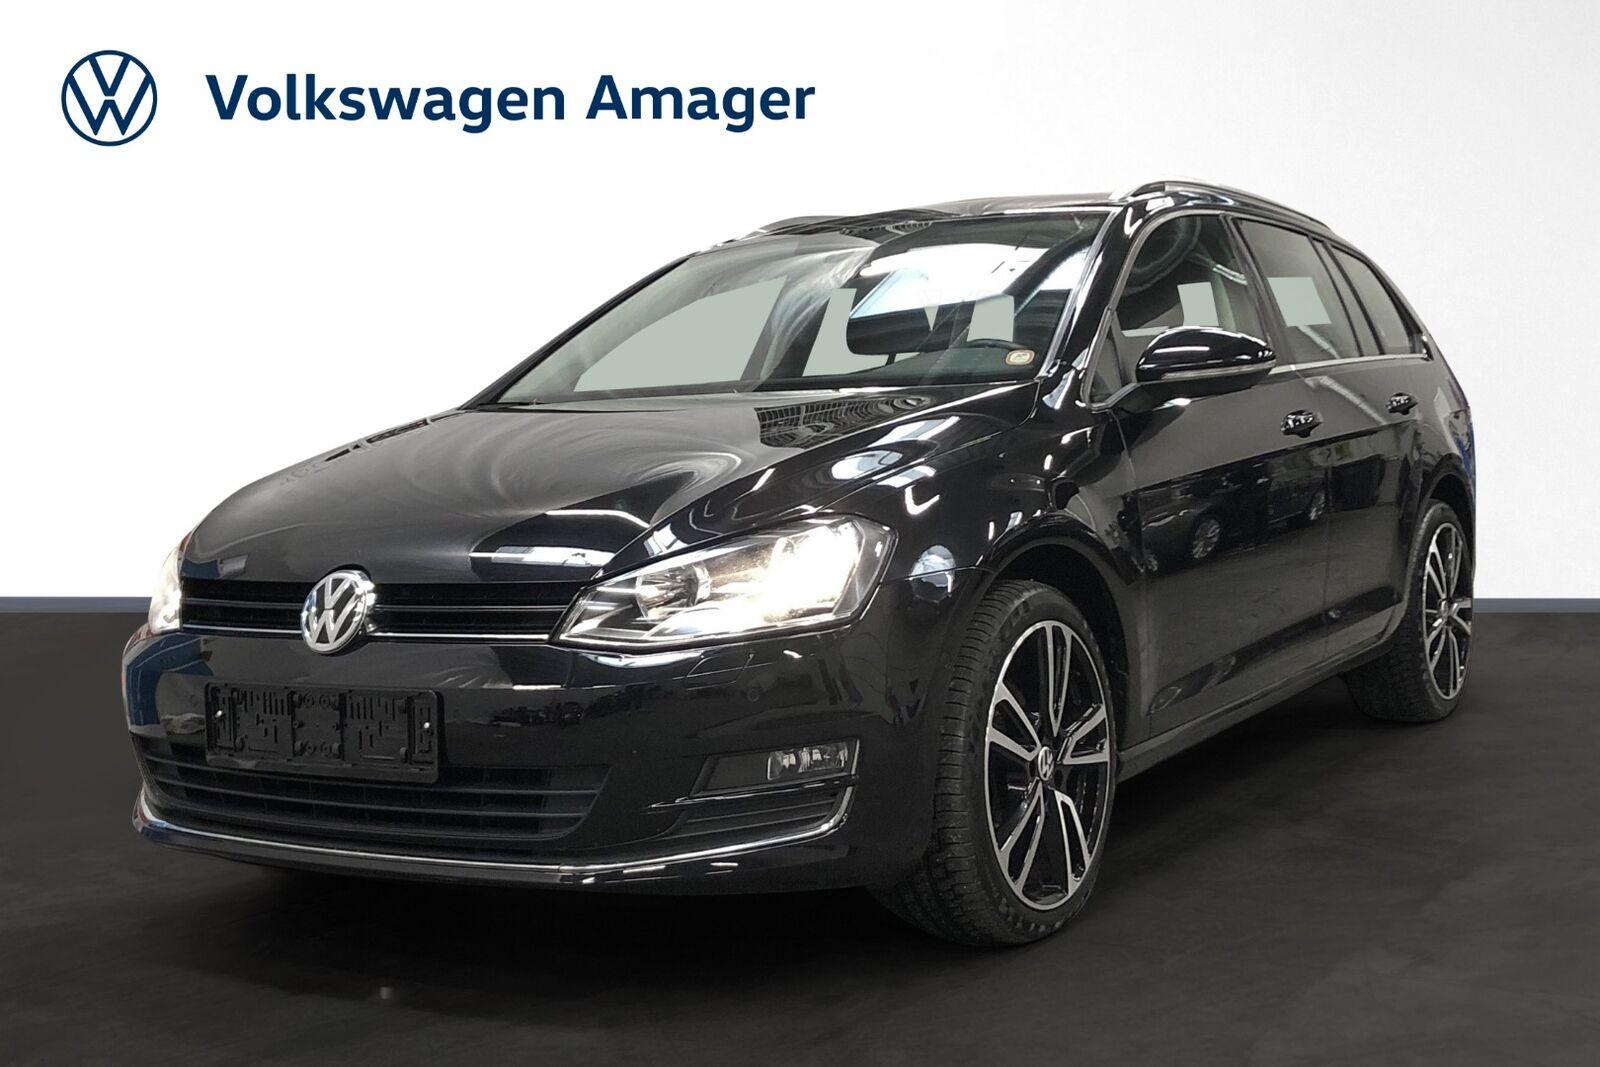 VW Golf VII 1,4 TSi 140 Highline Variant DSG BMT 5d - 179.900 kr.